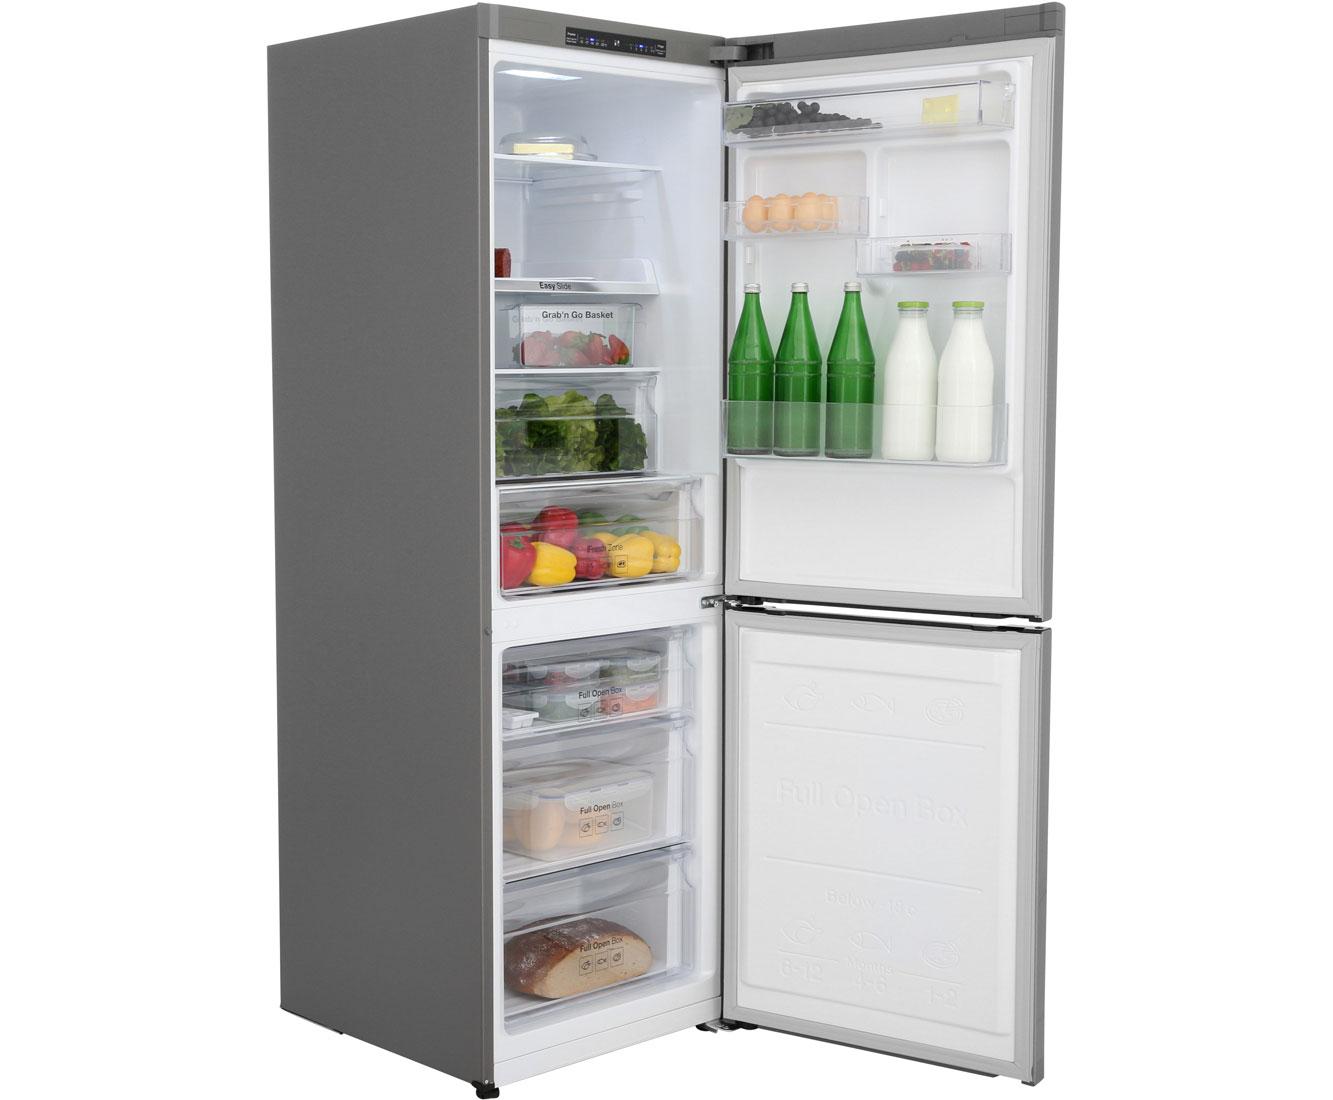 Siemens Kühlschrank Optimale Temperatur : Optimale temperatur gefrierschrank bosch gsn36bi30 comfort stand